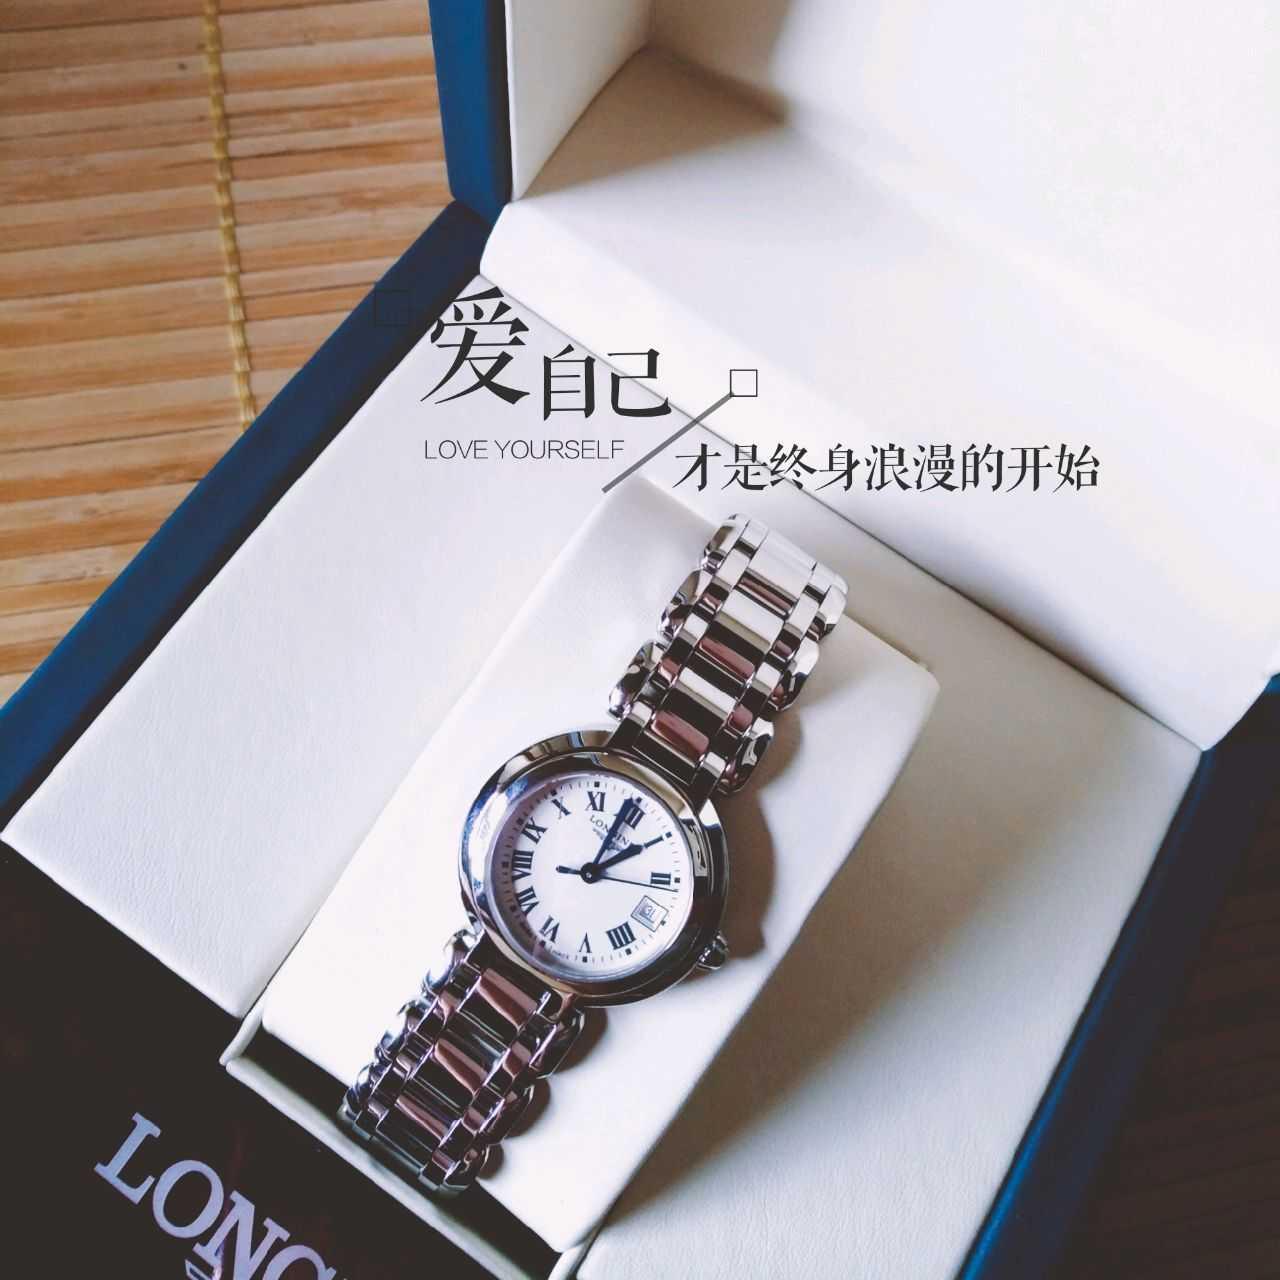 浪琴L8.110.4.71.6手表【表友晒单作业】还没有时间...